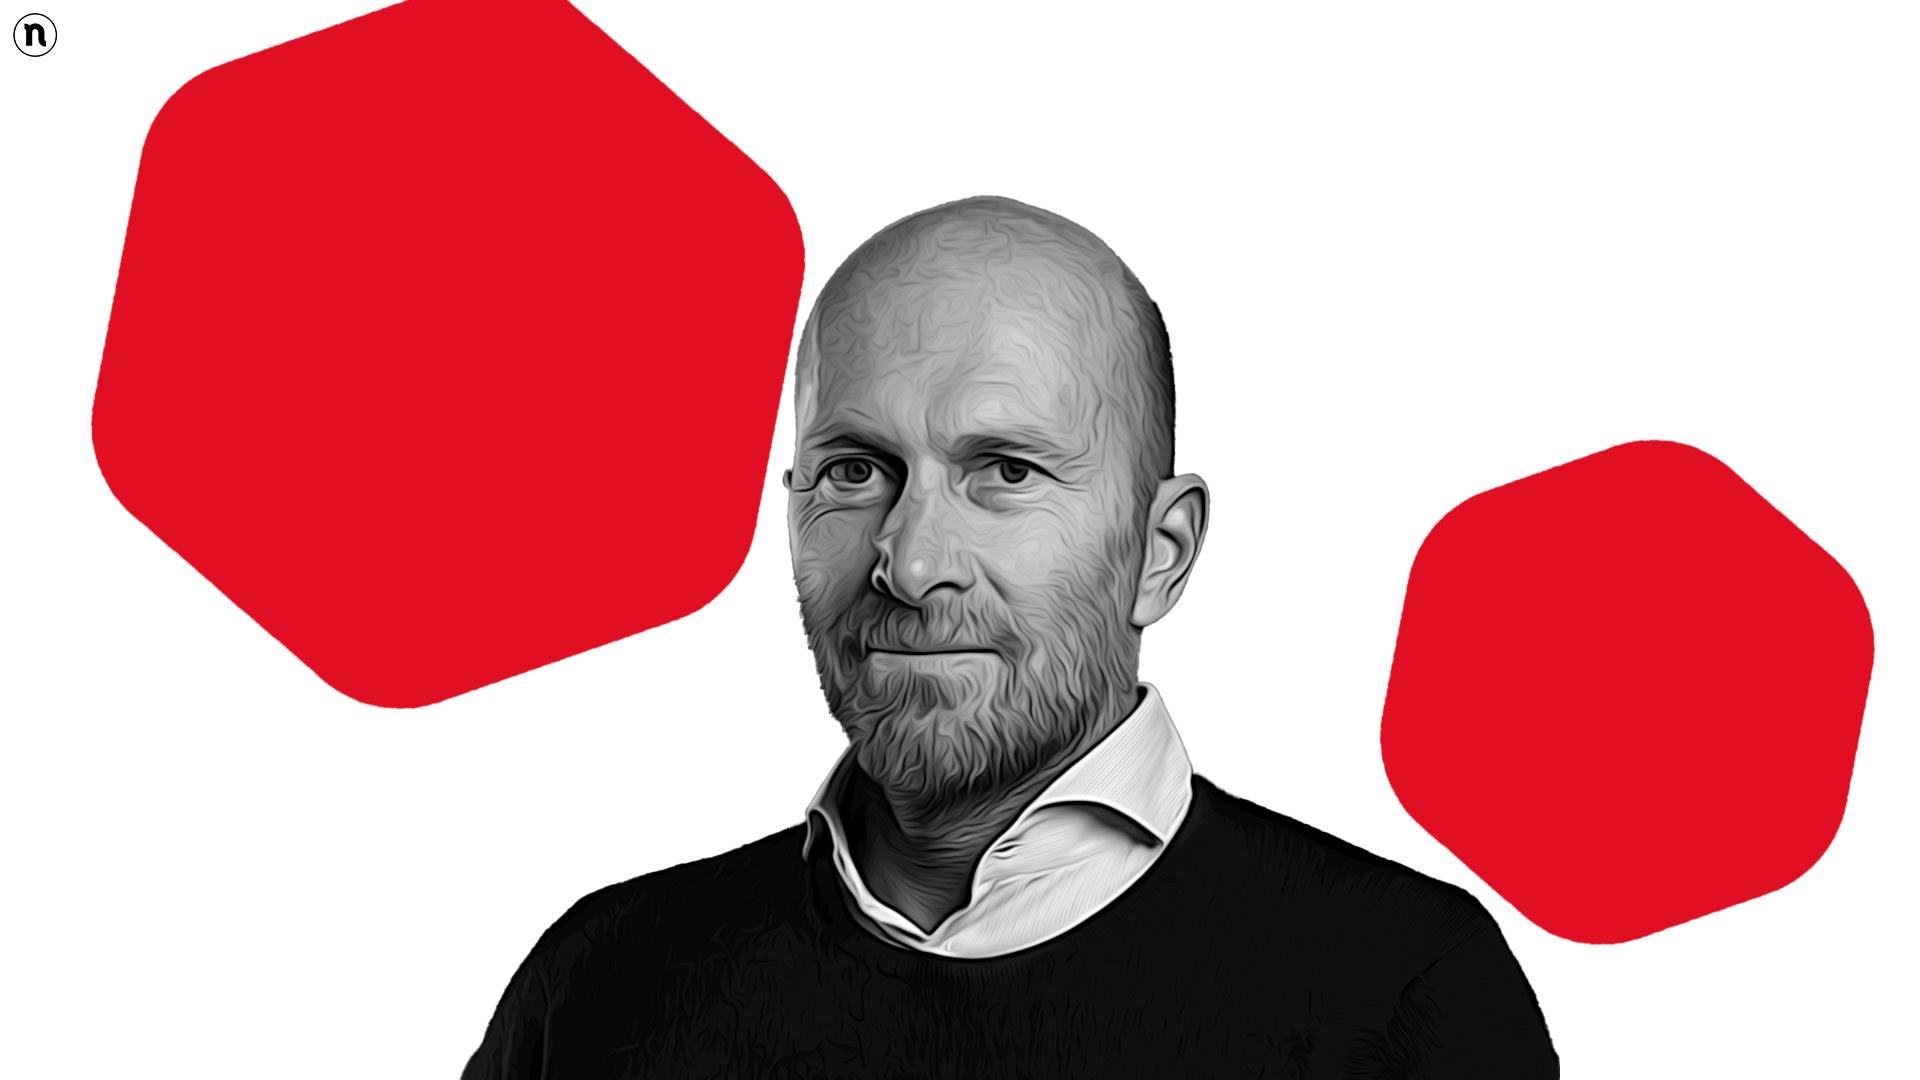 Bruno Bertelli è il Direttore creativo più premiato al mondo!